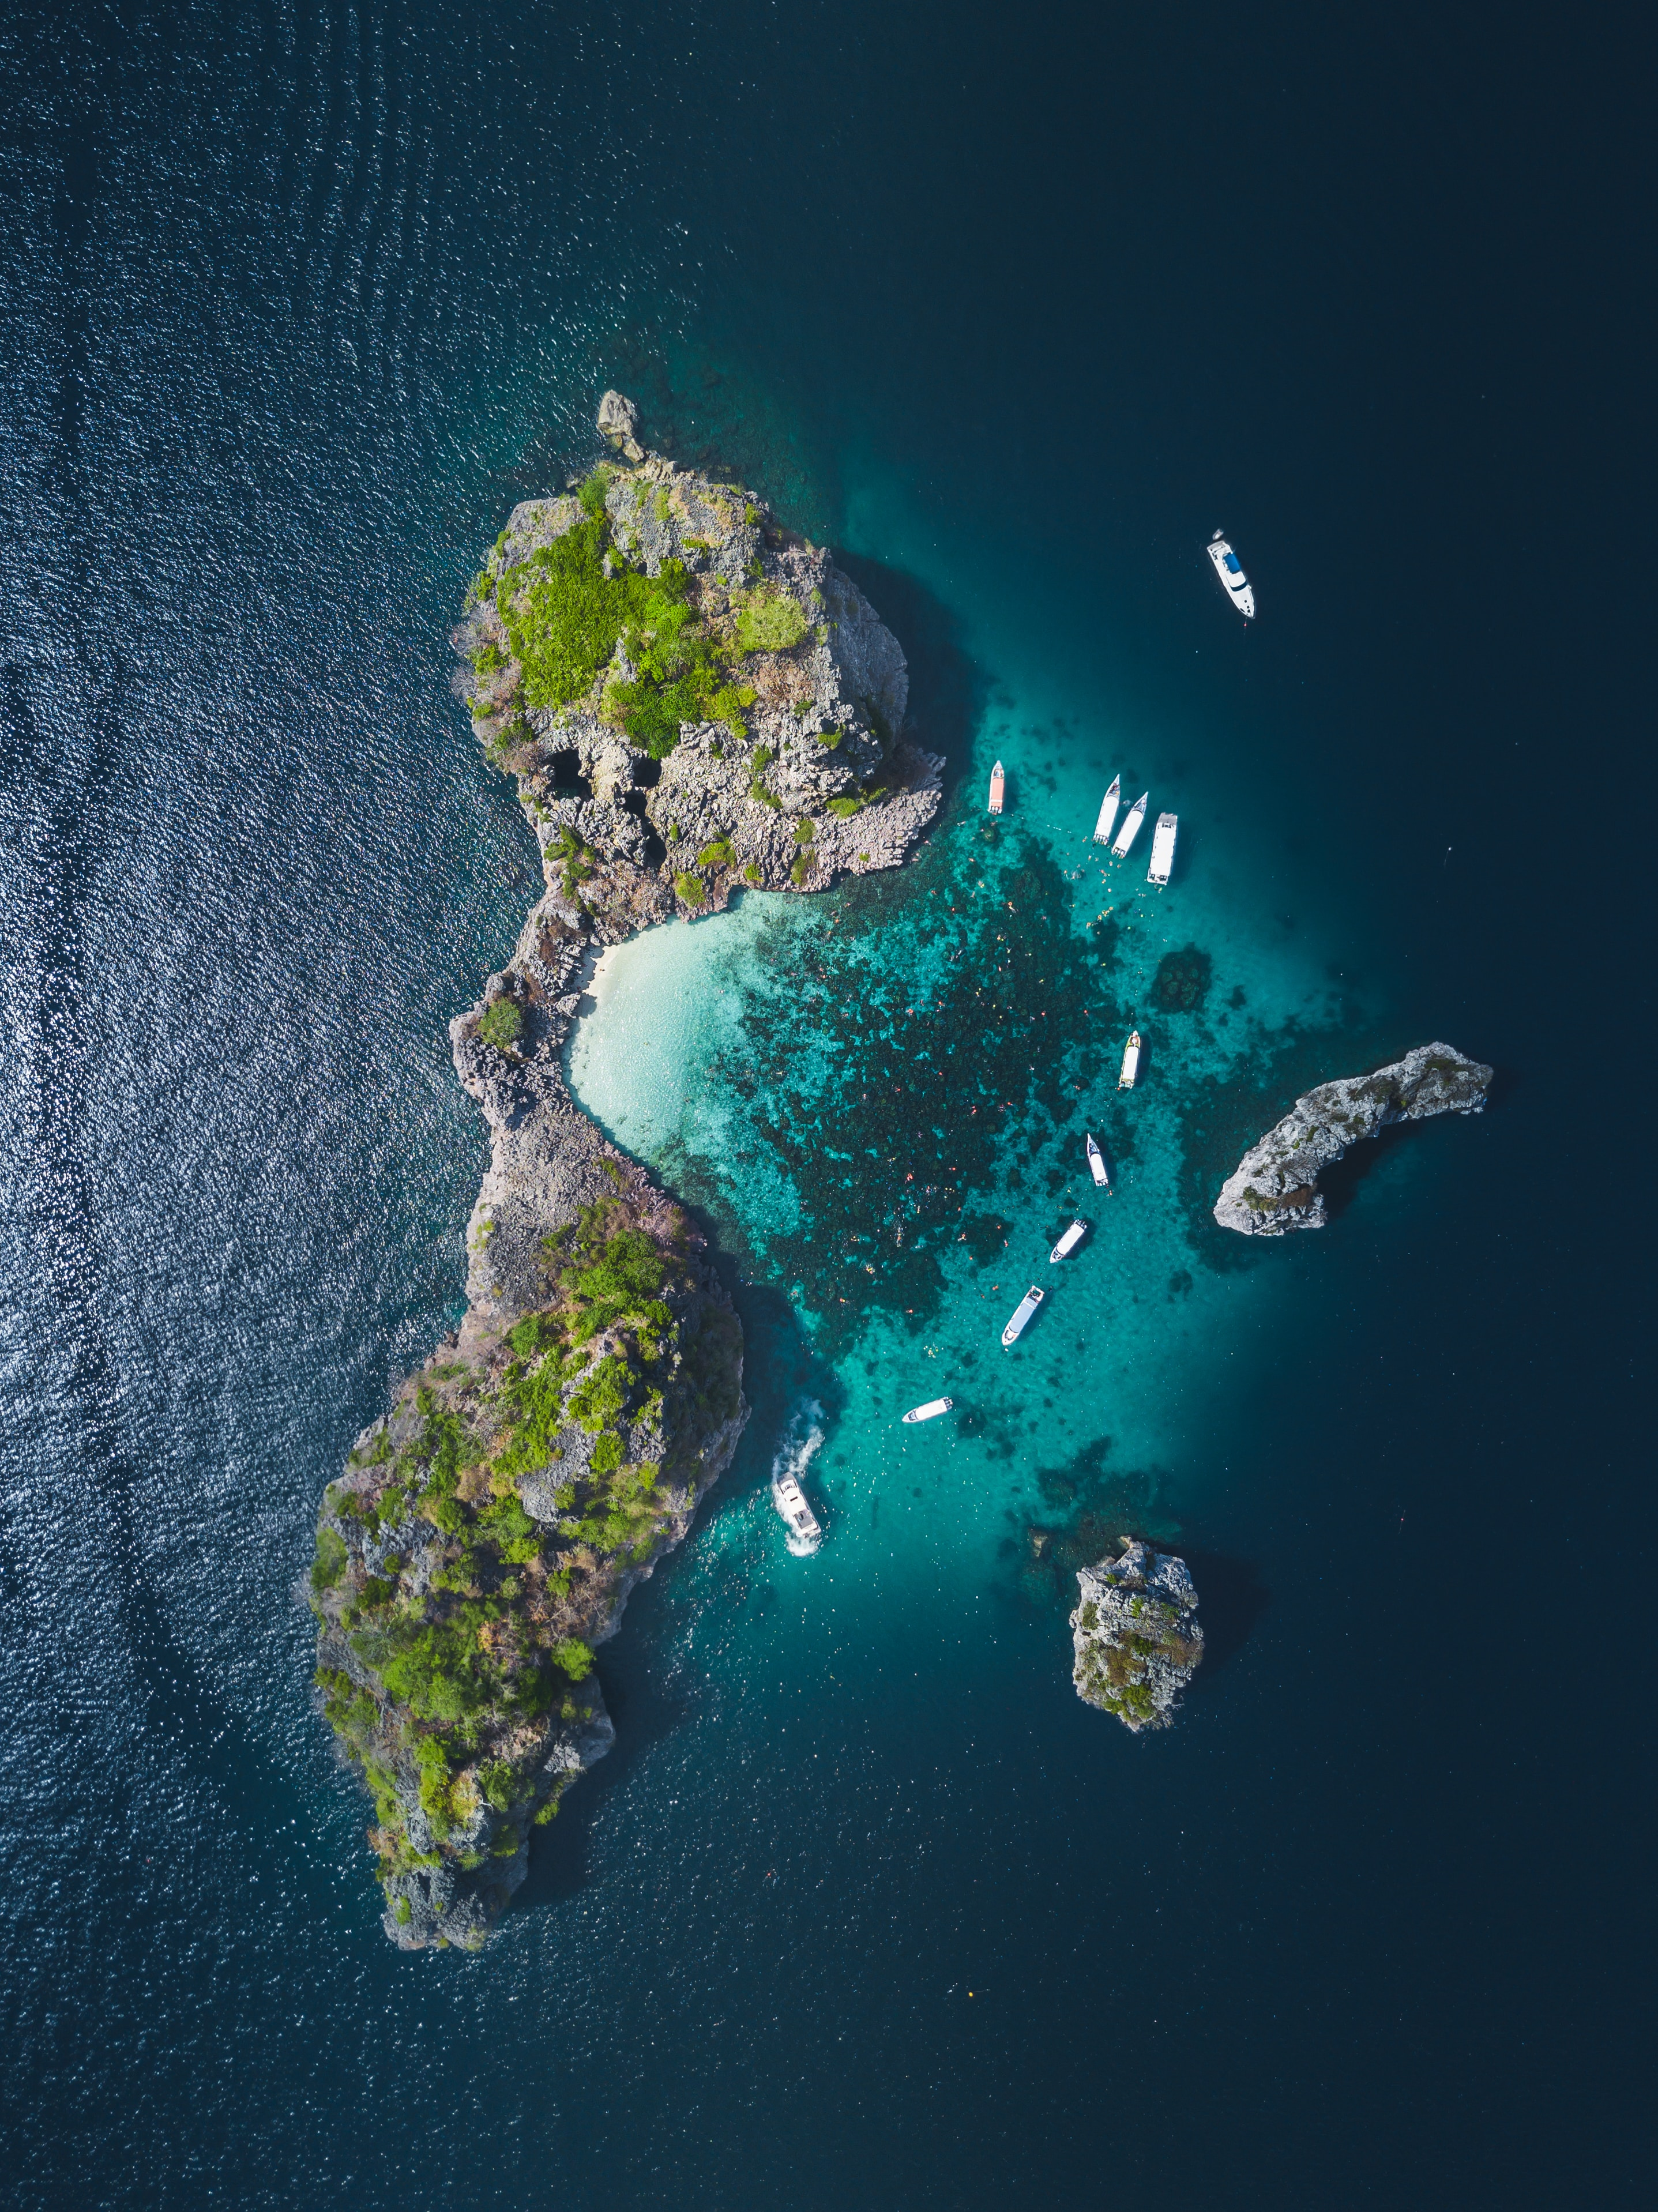 130237 Заставки и Обои Лодки на телефон. Скачать Природа, Остров, Океан, Вид Сверху, Лодки, Вода картинки бесплатно